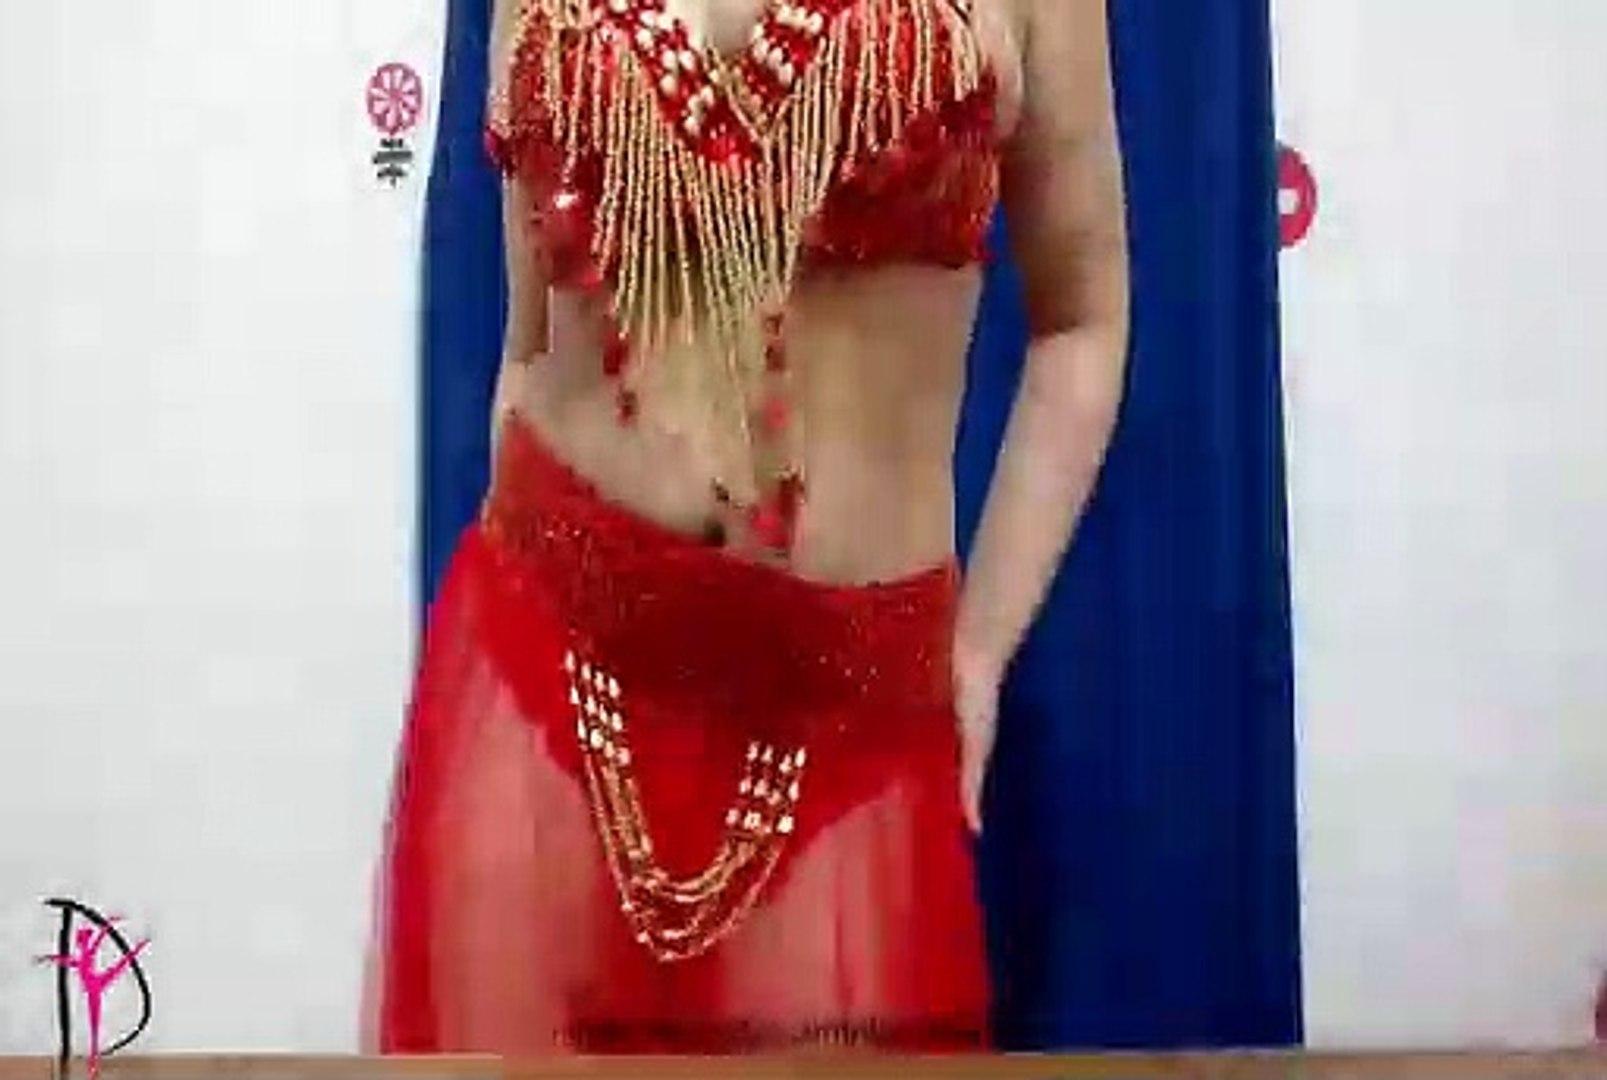 رقص شرقى مثير ببدلة رقص حمراء